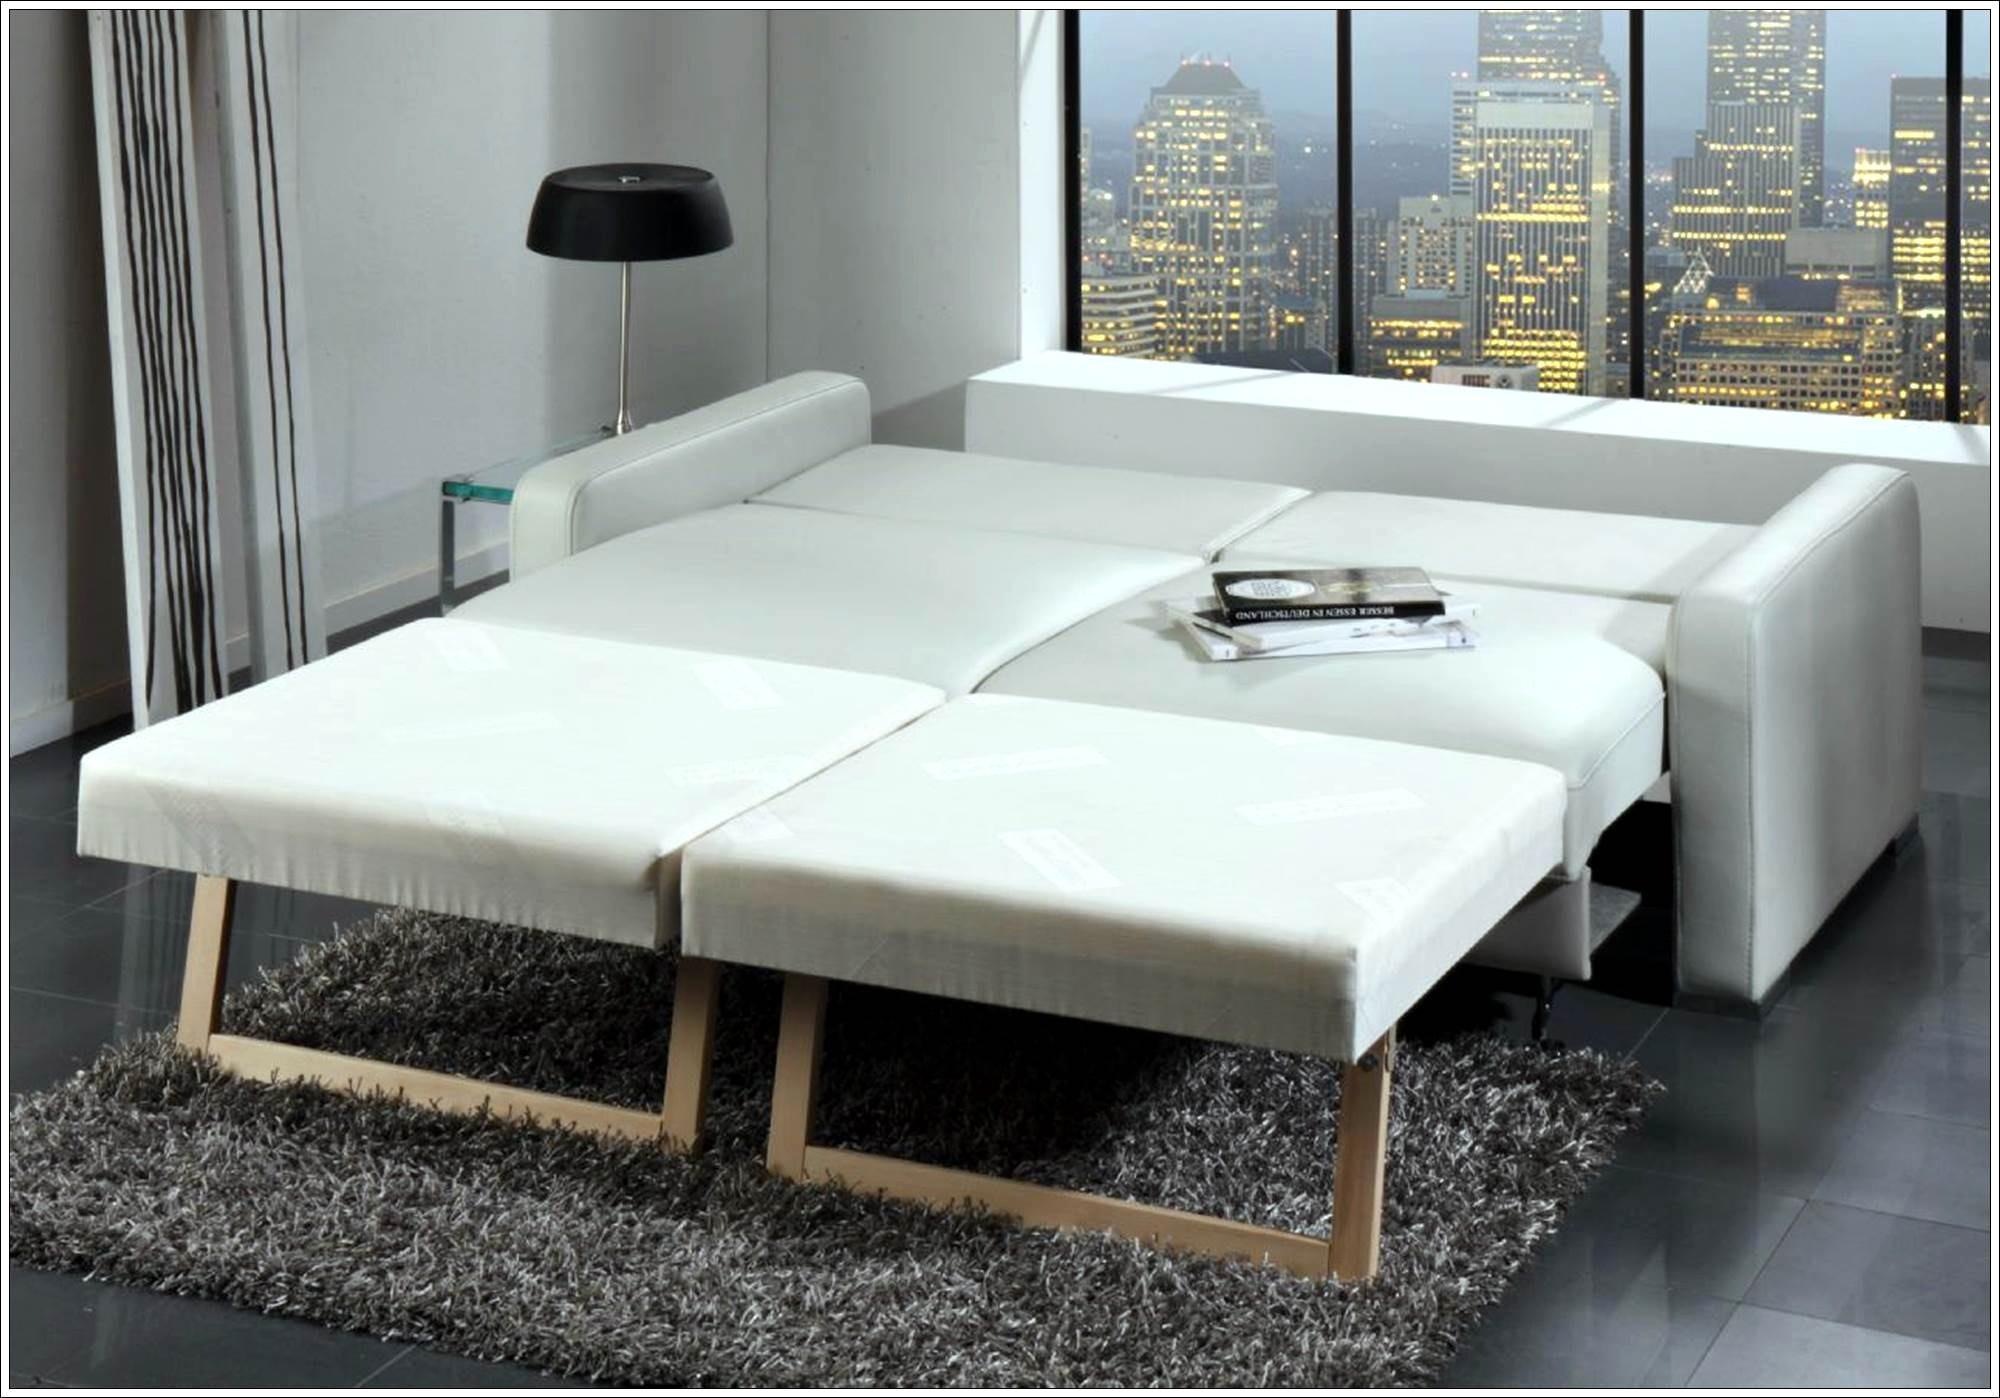 Lit Canapé Escamotable Ikea Unique Stock Lit Armoire Canapé Beautiful Canap En U Convertible 12 Full Canape D